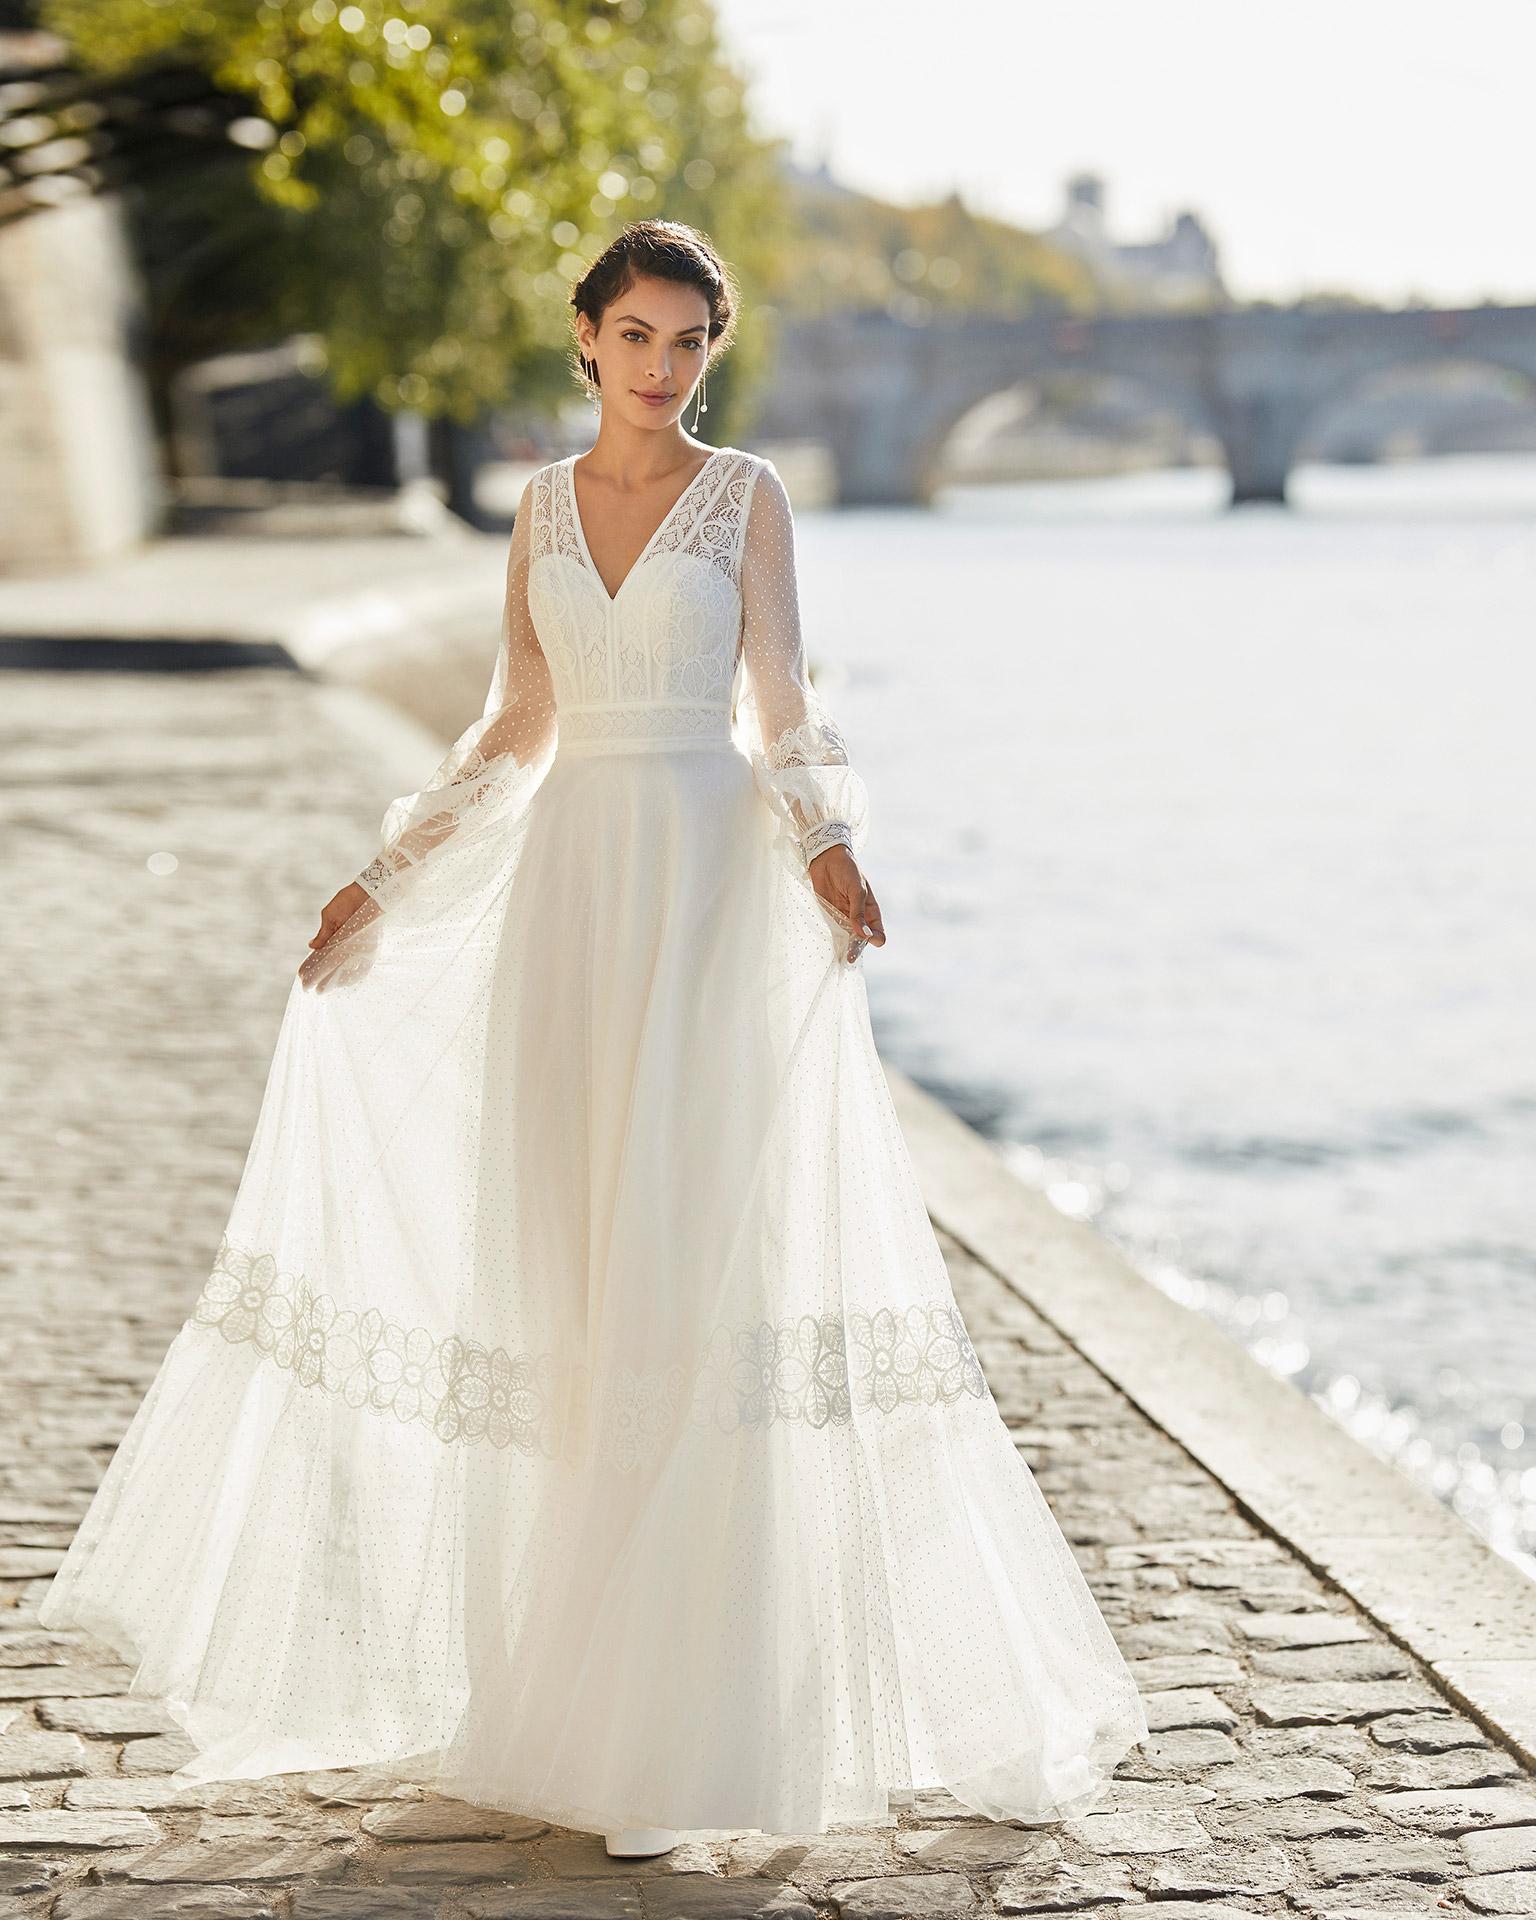 Vestido de novia de tul plumeti. Escote en V, manga larga de tul plumeti y espalda en forma de triángulo. Todo además con encaje. Colección ALMANOVIA 2021.